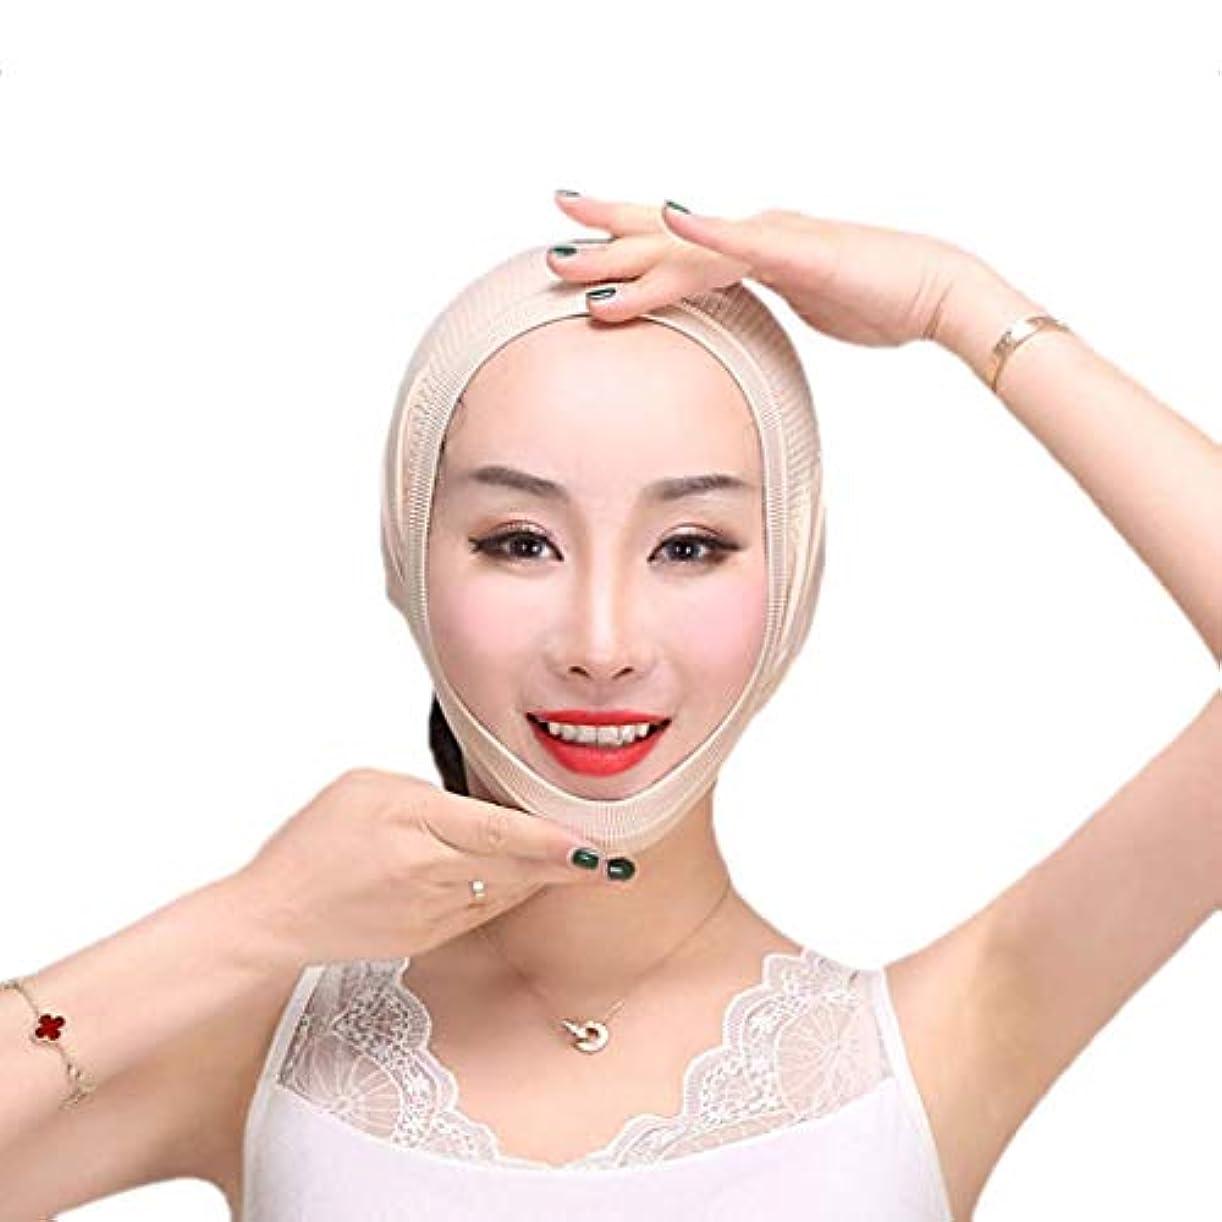 経済的木材慎重フェイスリフトマスク、フェイススリミングマスク、チンストラップ、フェイスマッサージ、フェイシャル減量マスク、チンリフティングベルト(ワンサイズ)